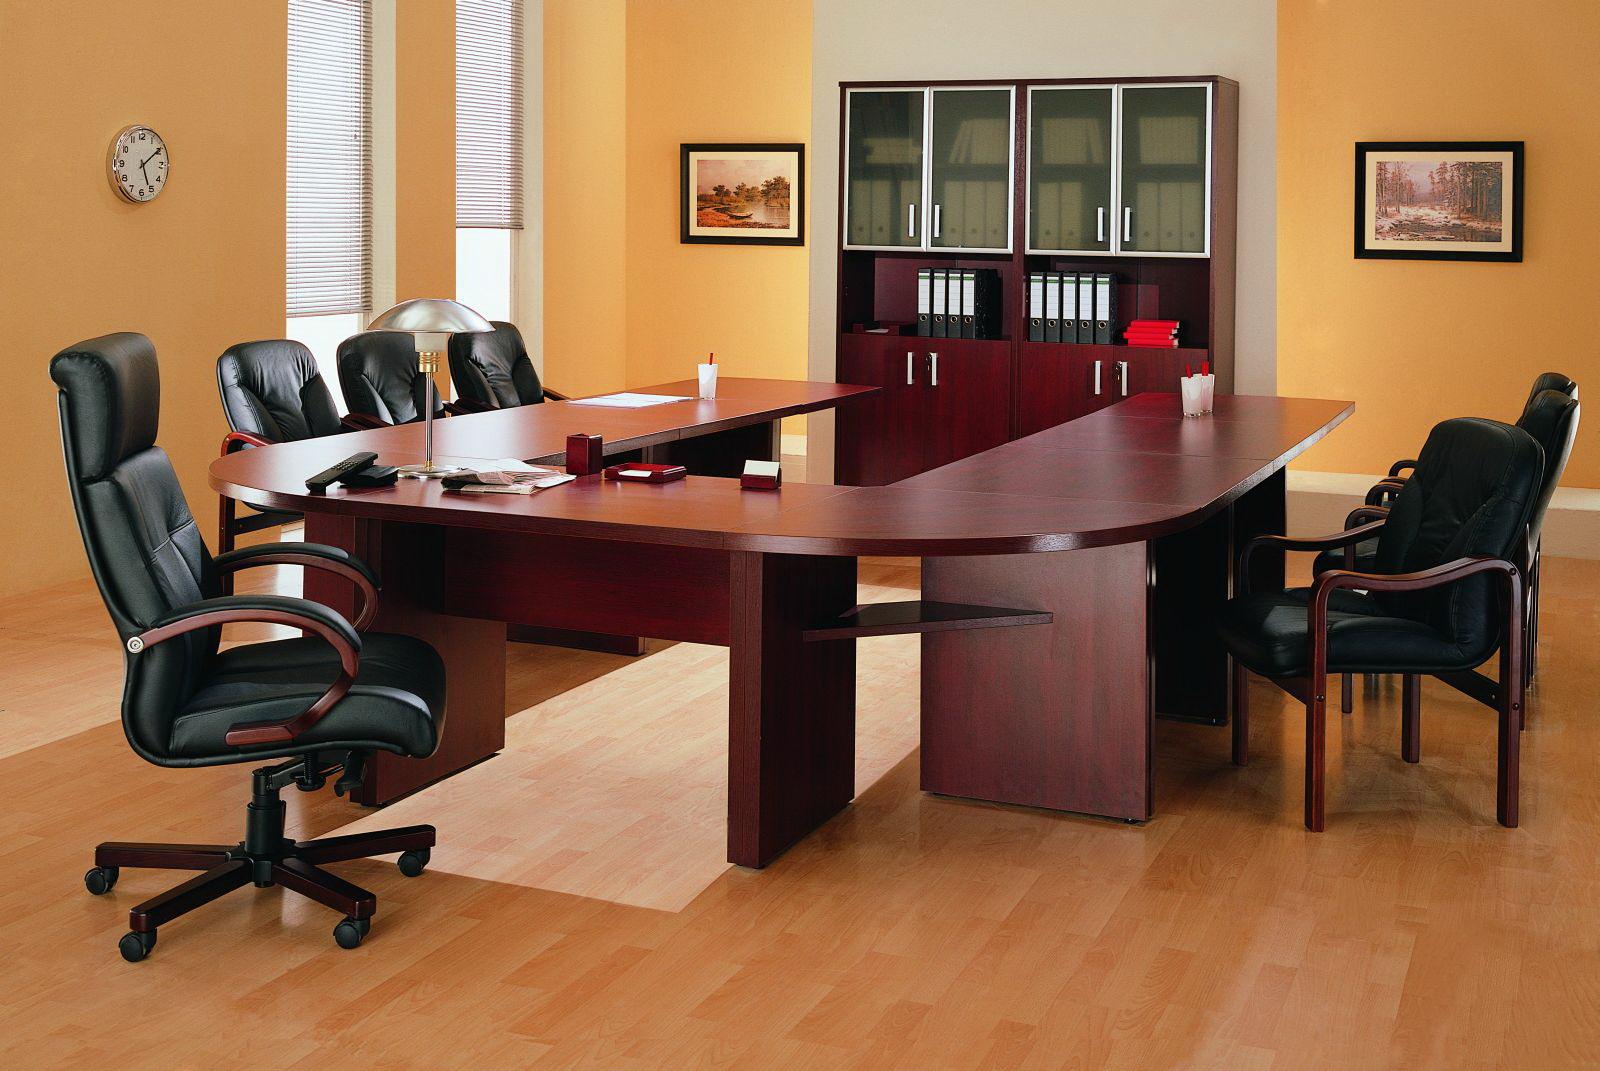 Выбор мебели для офисного помещения